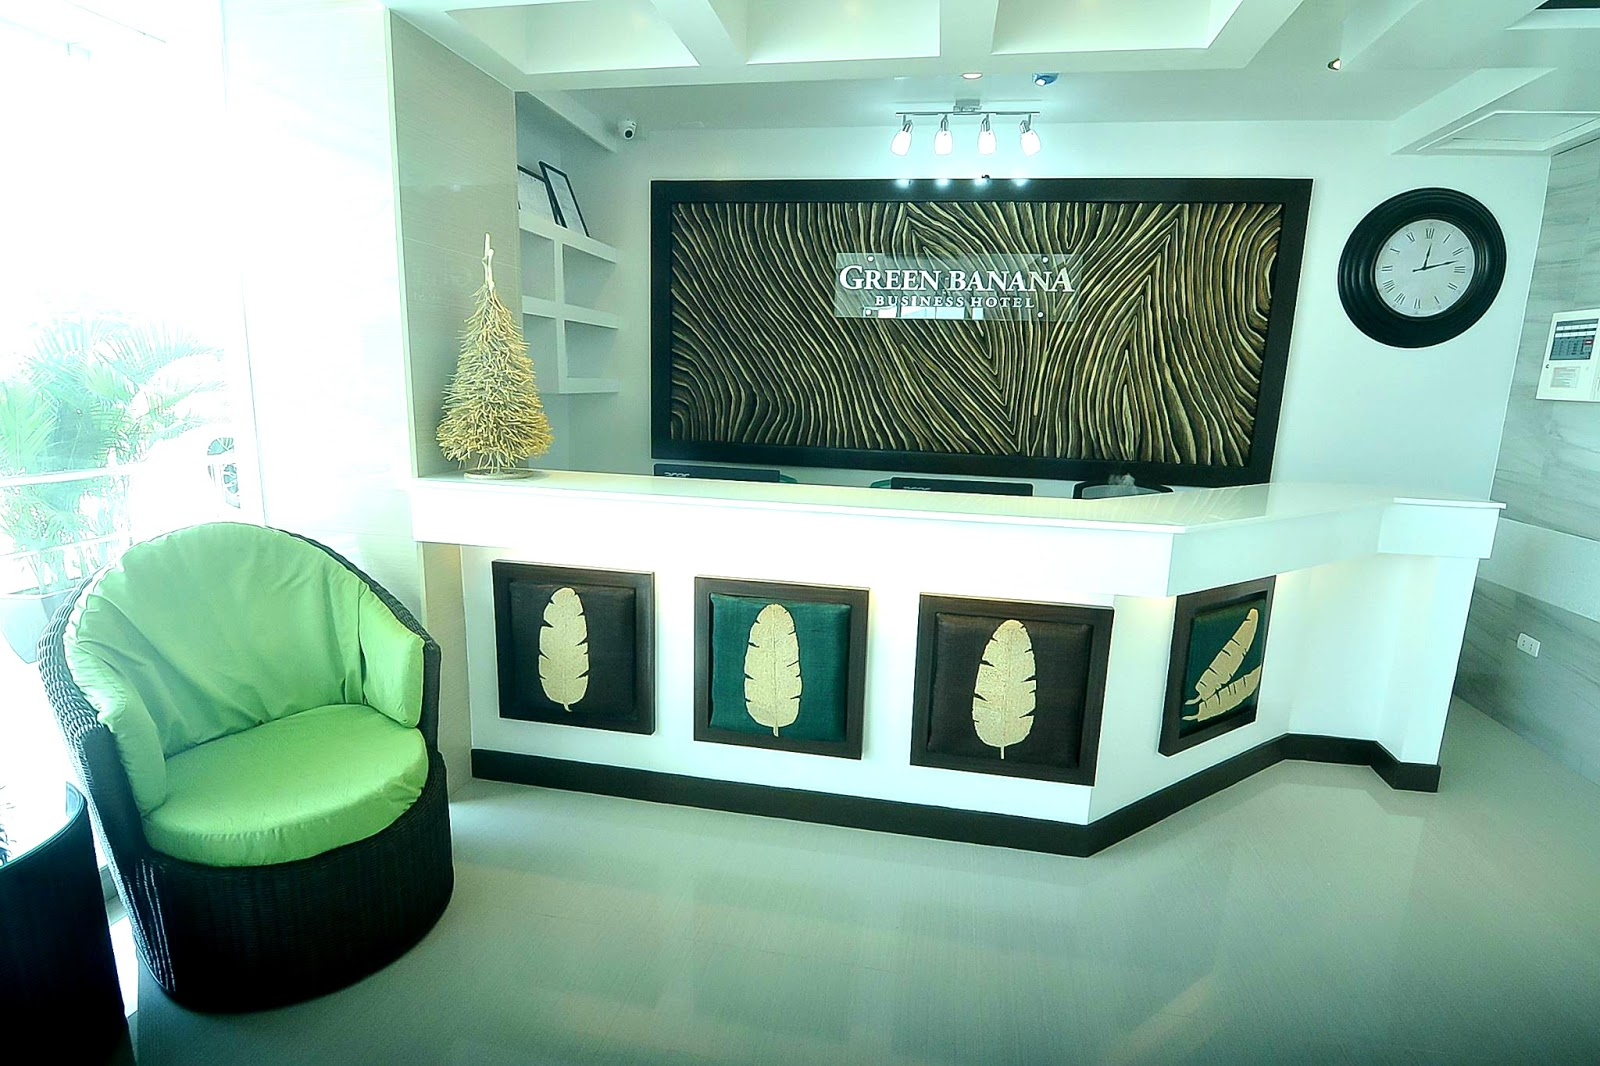 GREEN BANANA HOTEL OPENS IN DAVAO